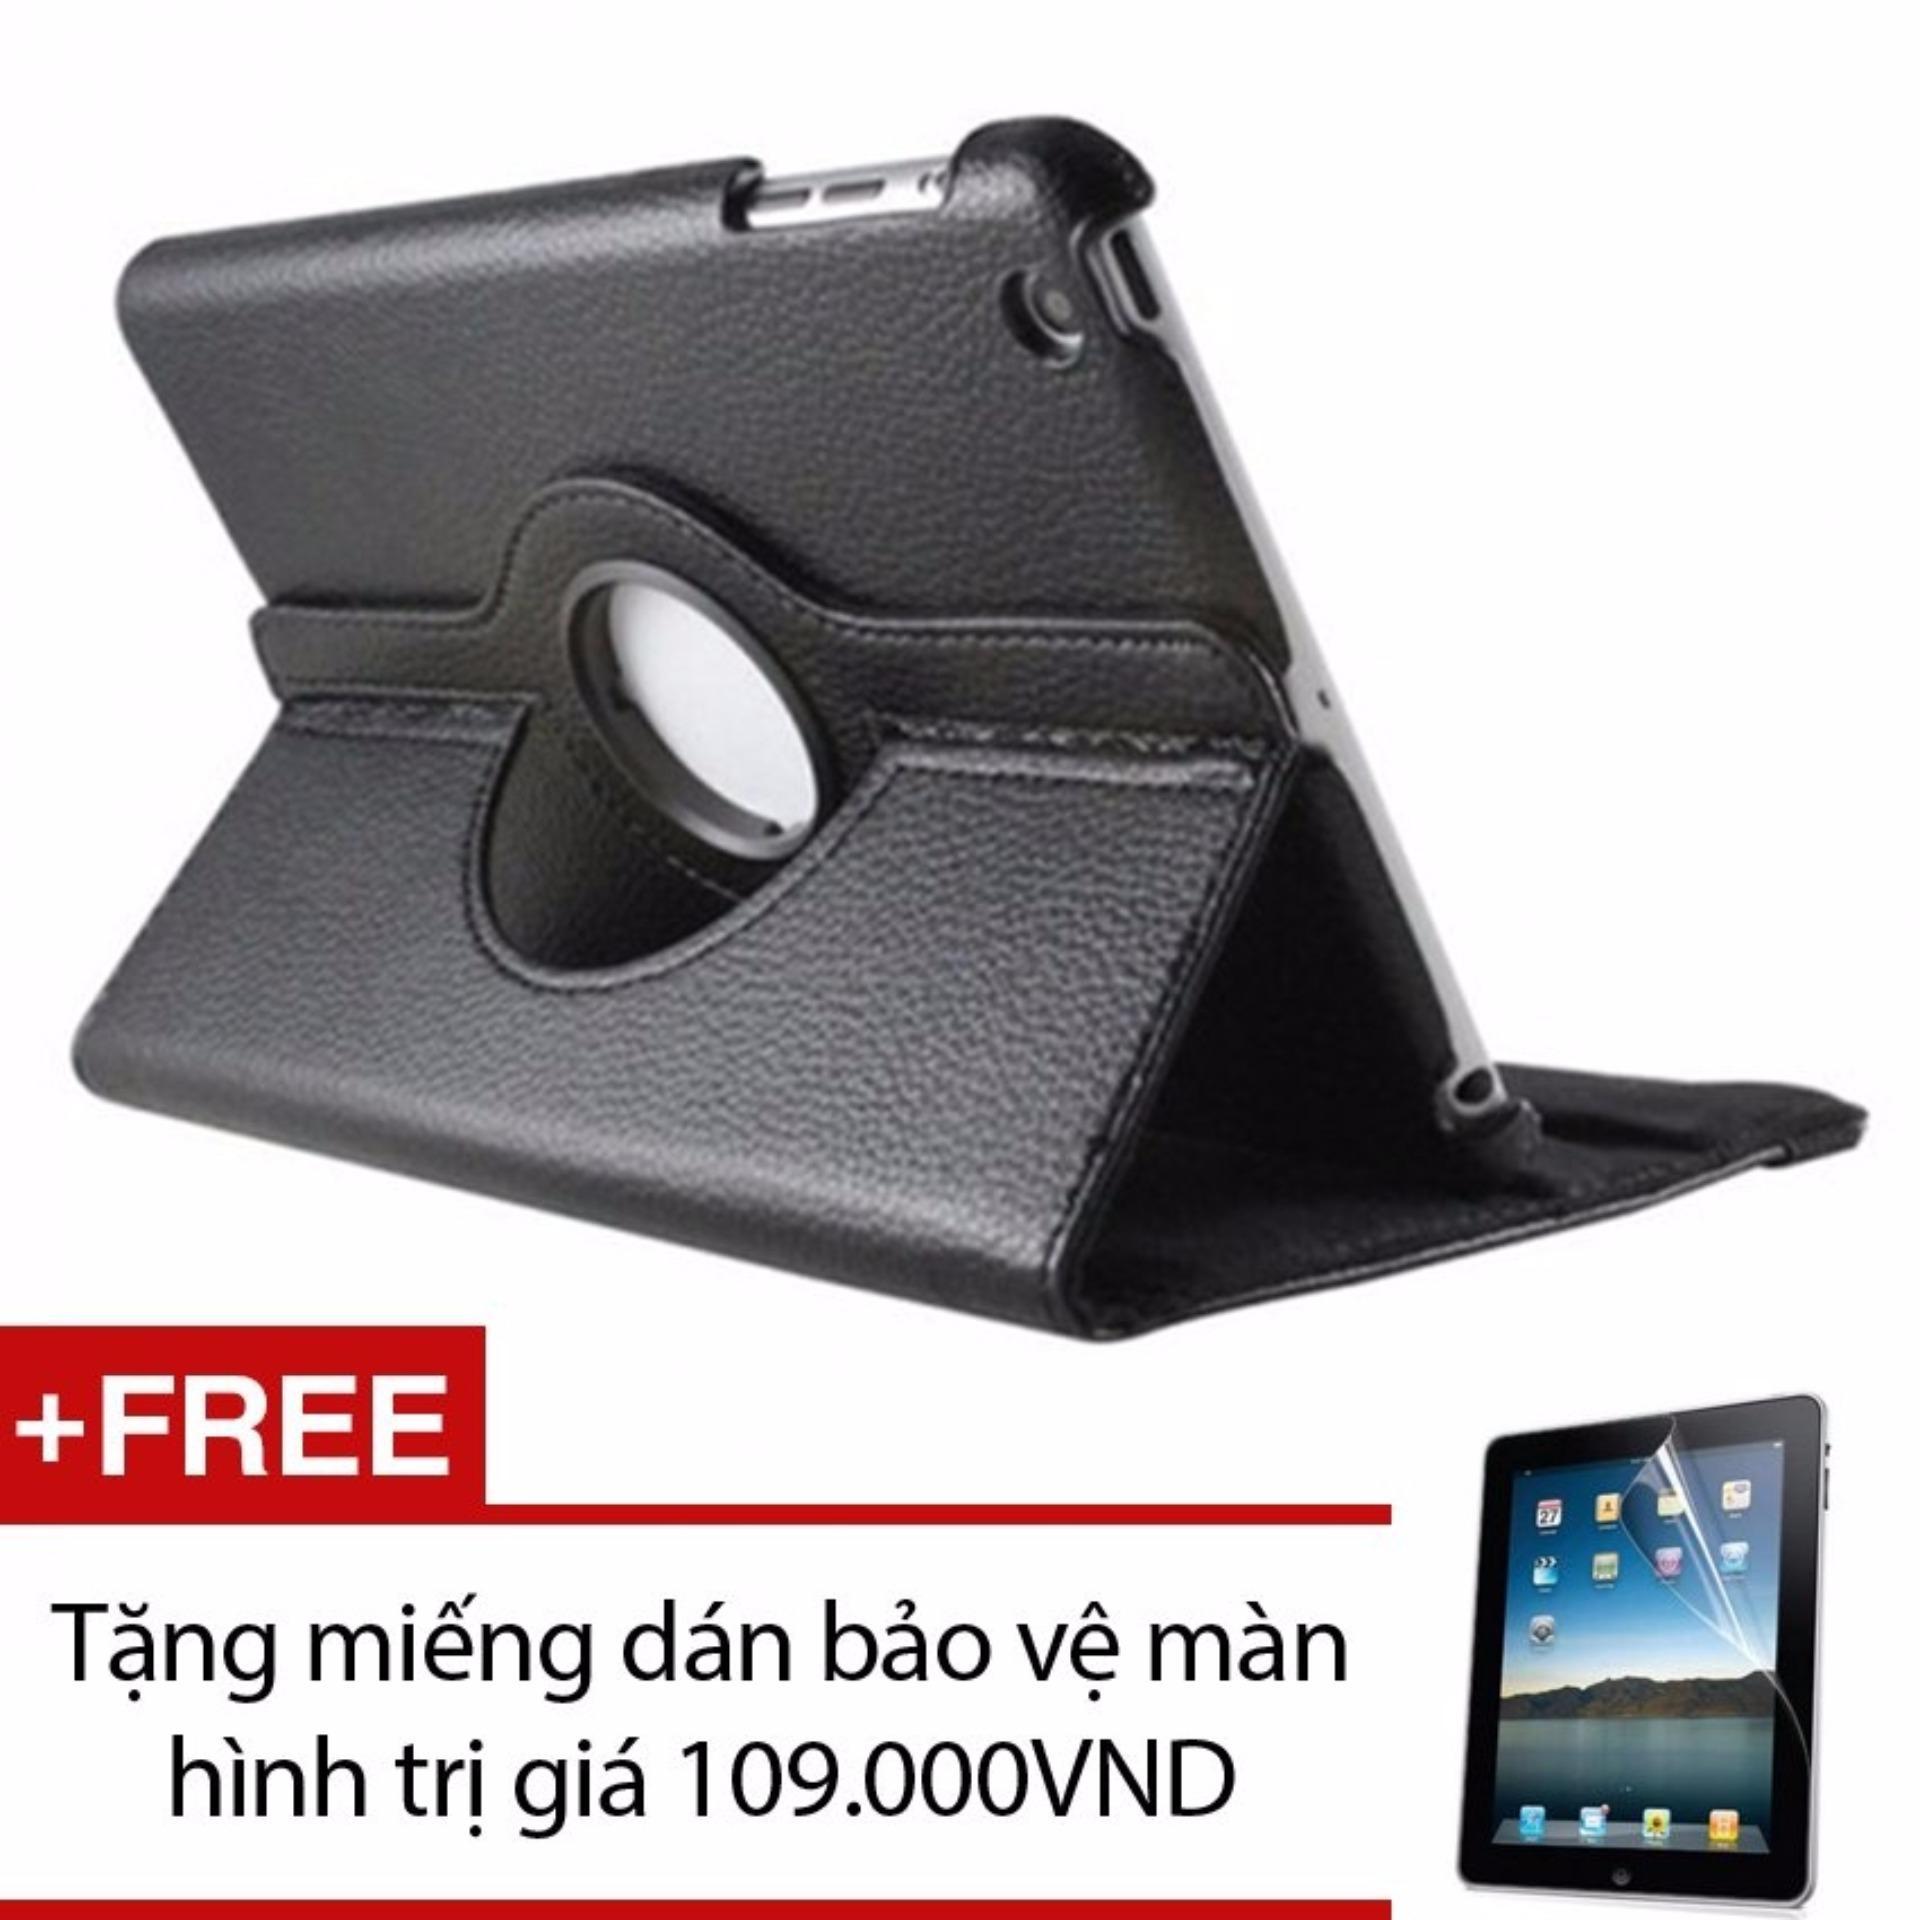 Bao da dành cho iPad 2 3 4 Xoay 360 – Lopez Cute (Đen) + Tặng miếng dán bảo vệ màn hình